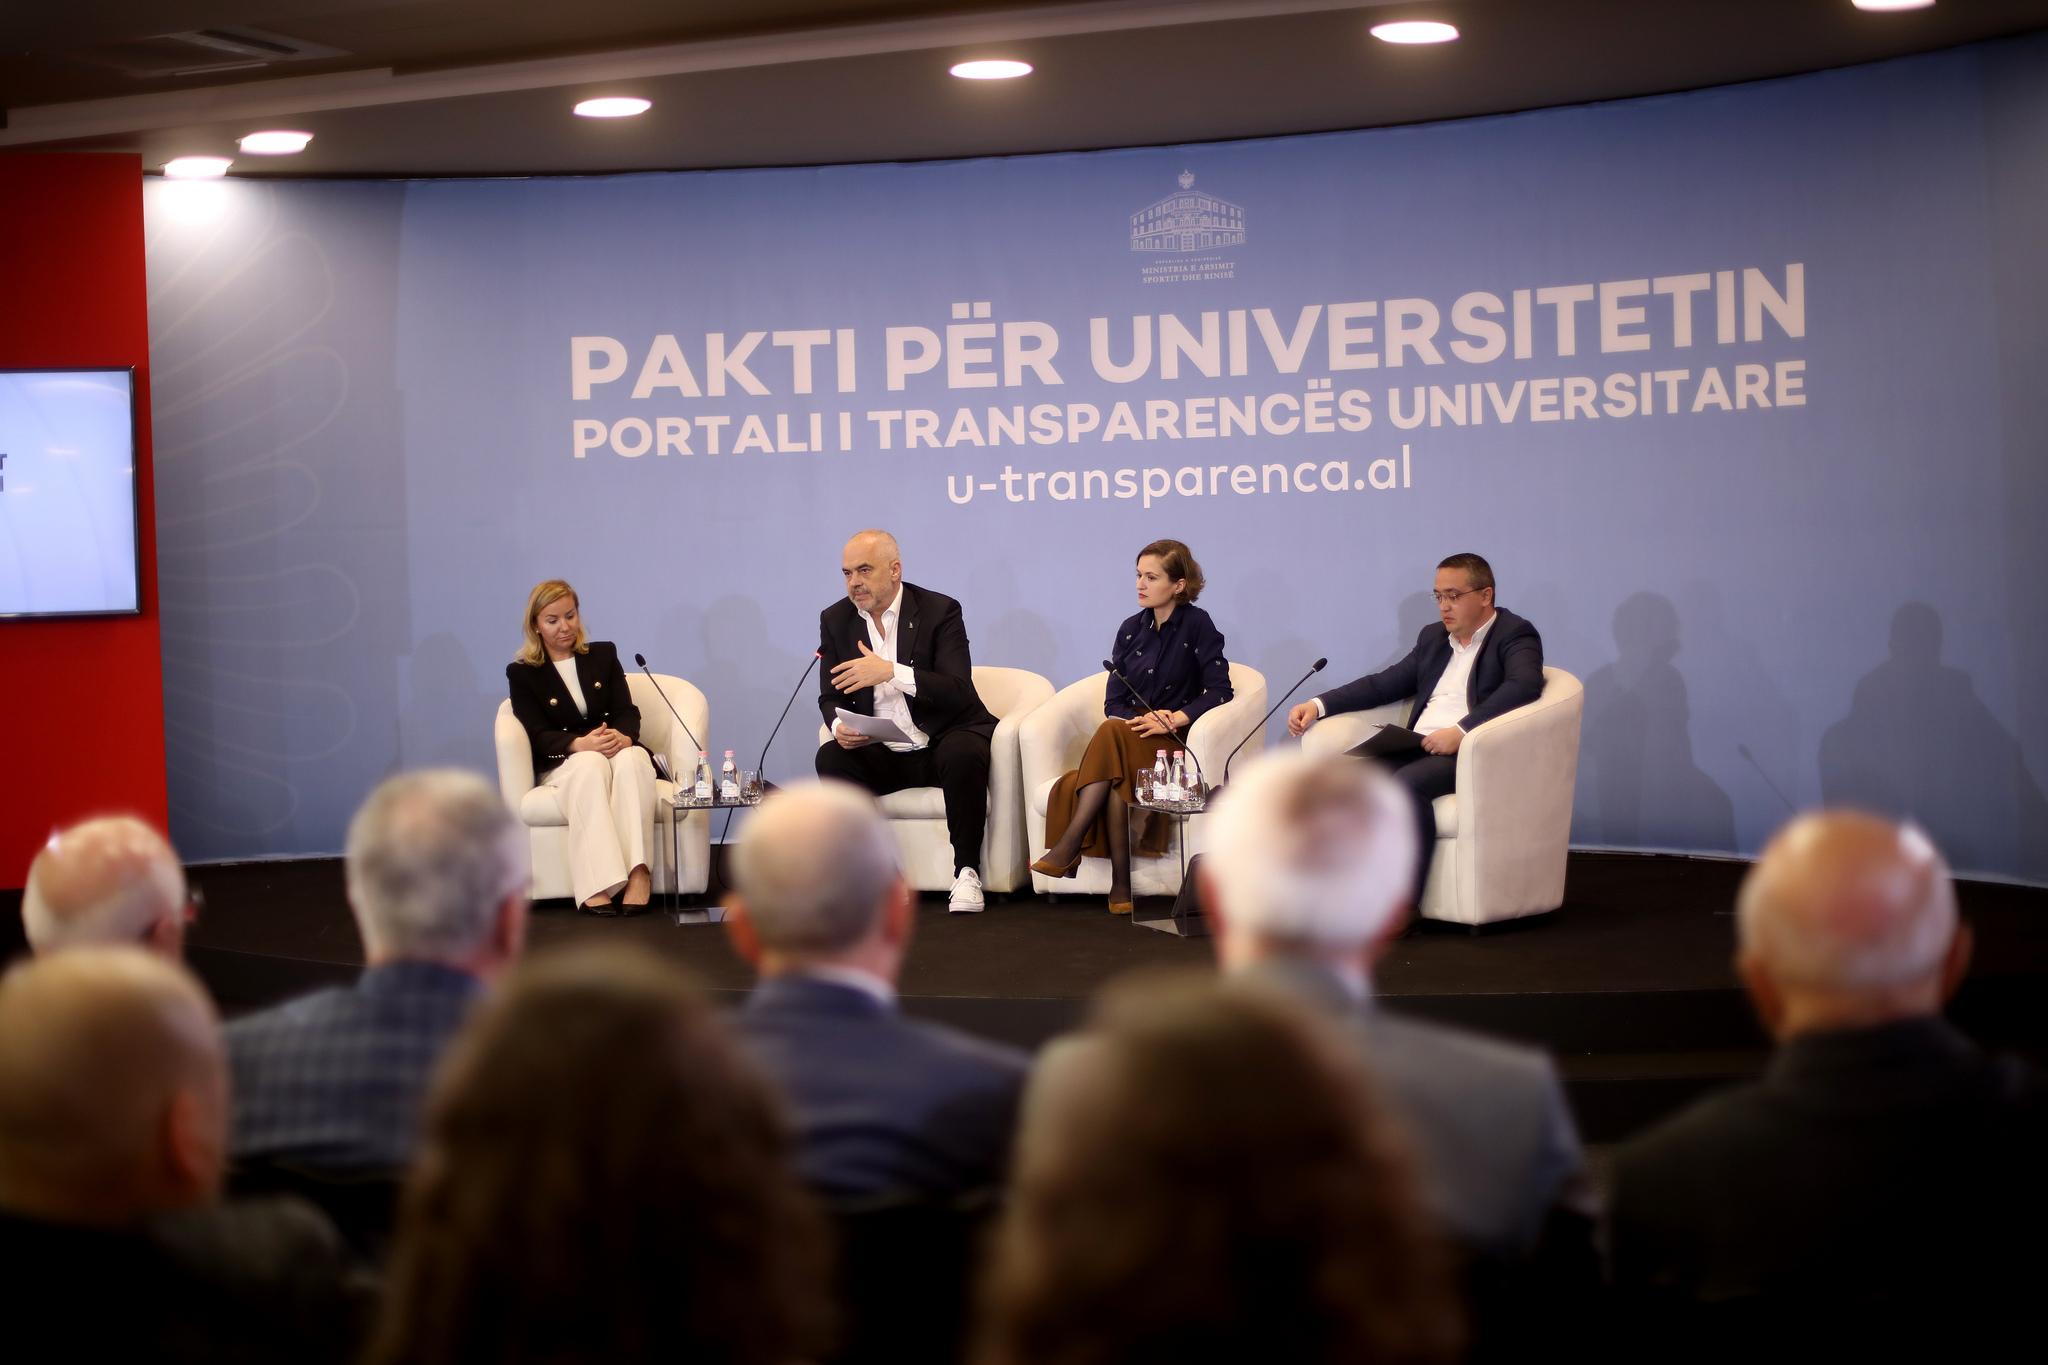 Publikohet u-transparenca.al, portali i transparencës universitare